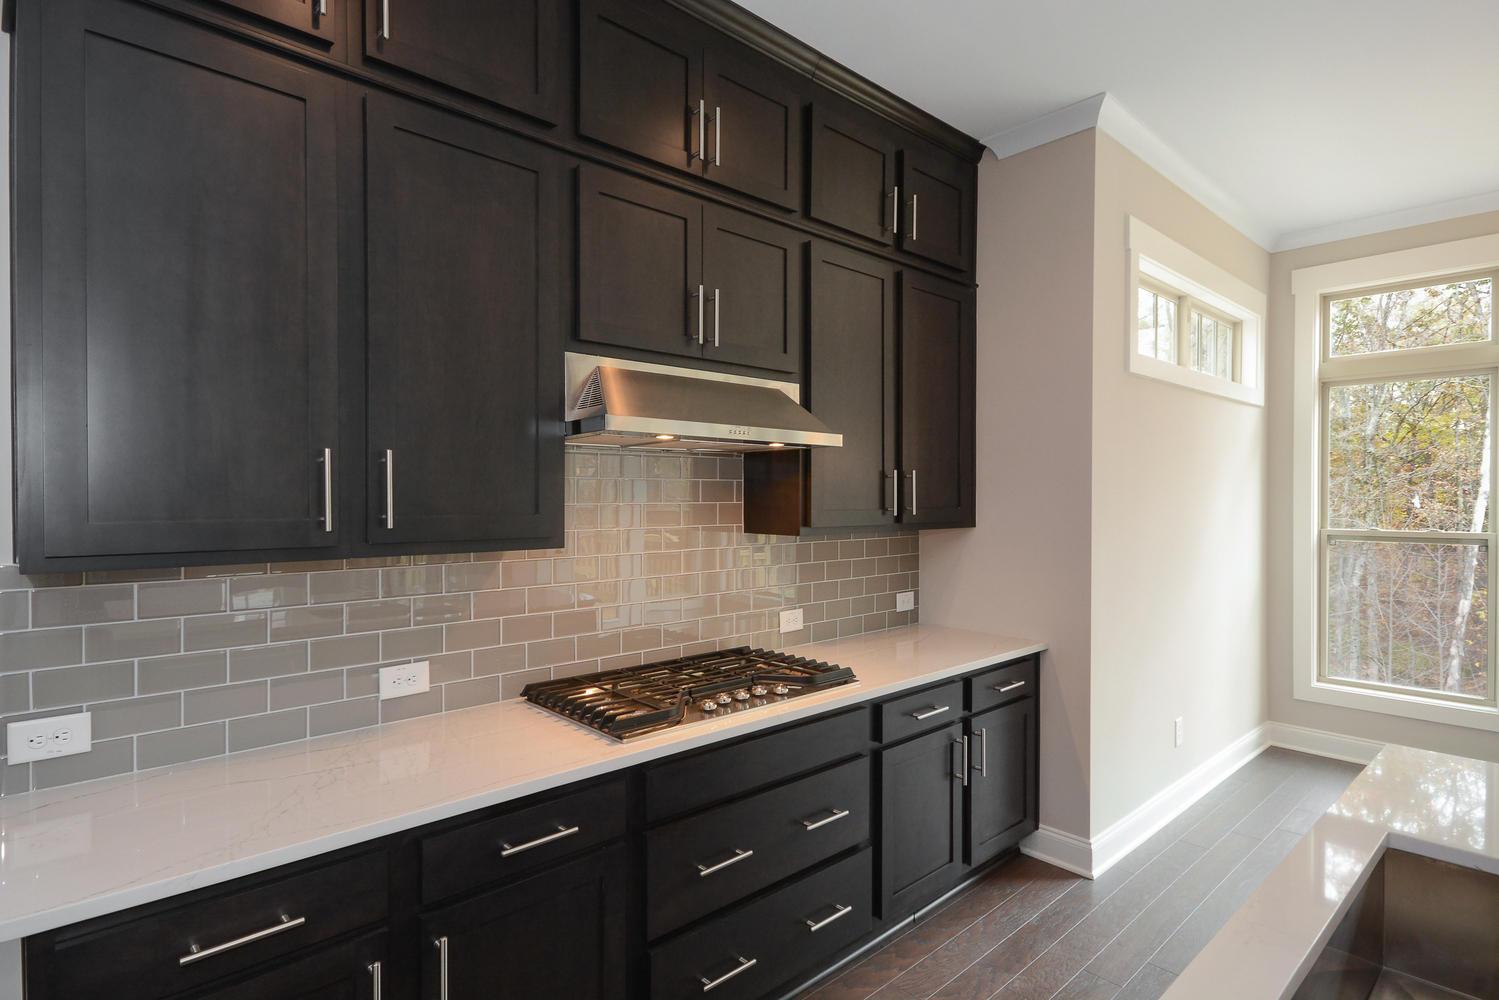 Dunes West Homes For Sale - 2949 Minnow, Mount Pleasant, SC - 14